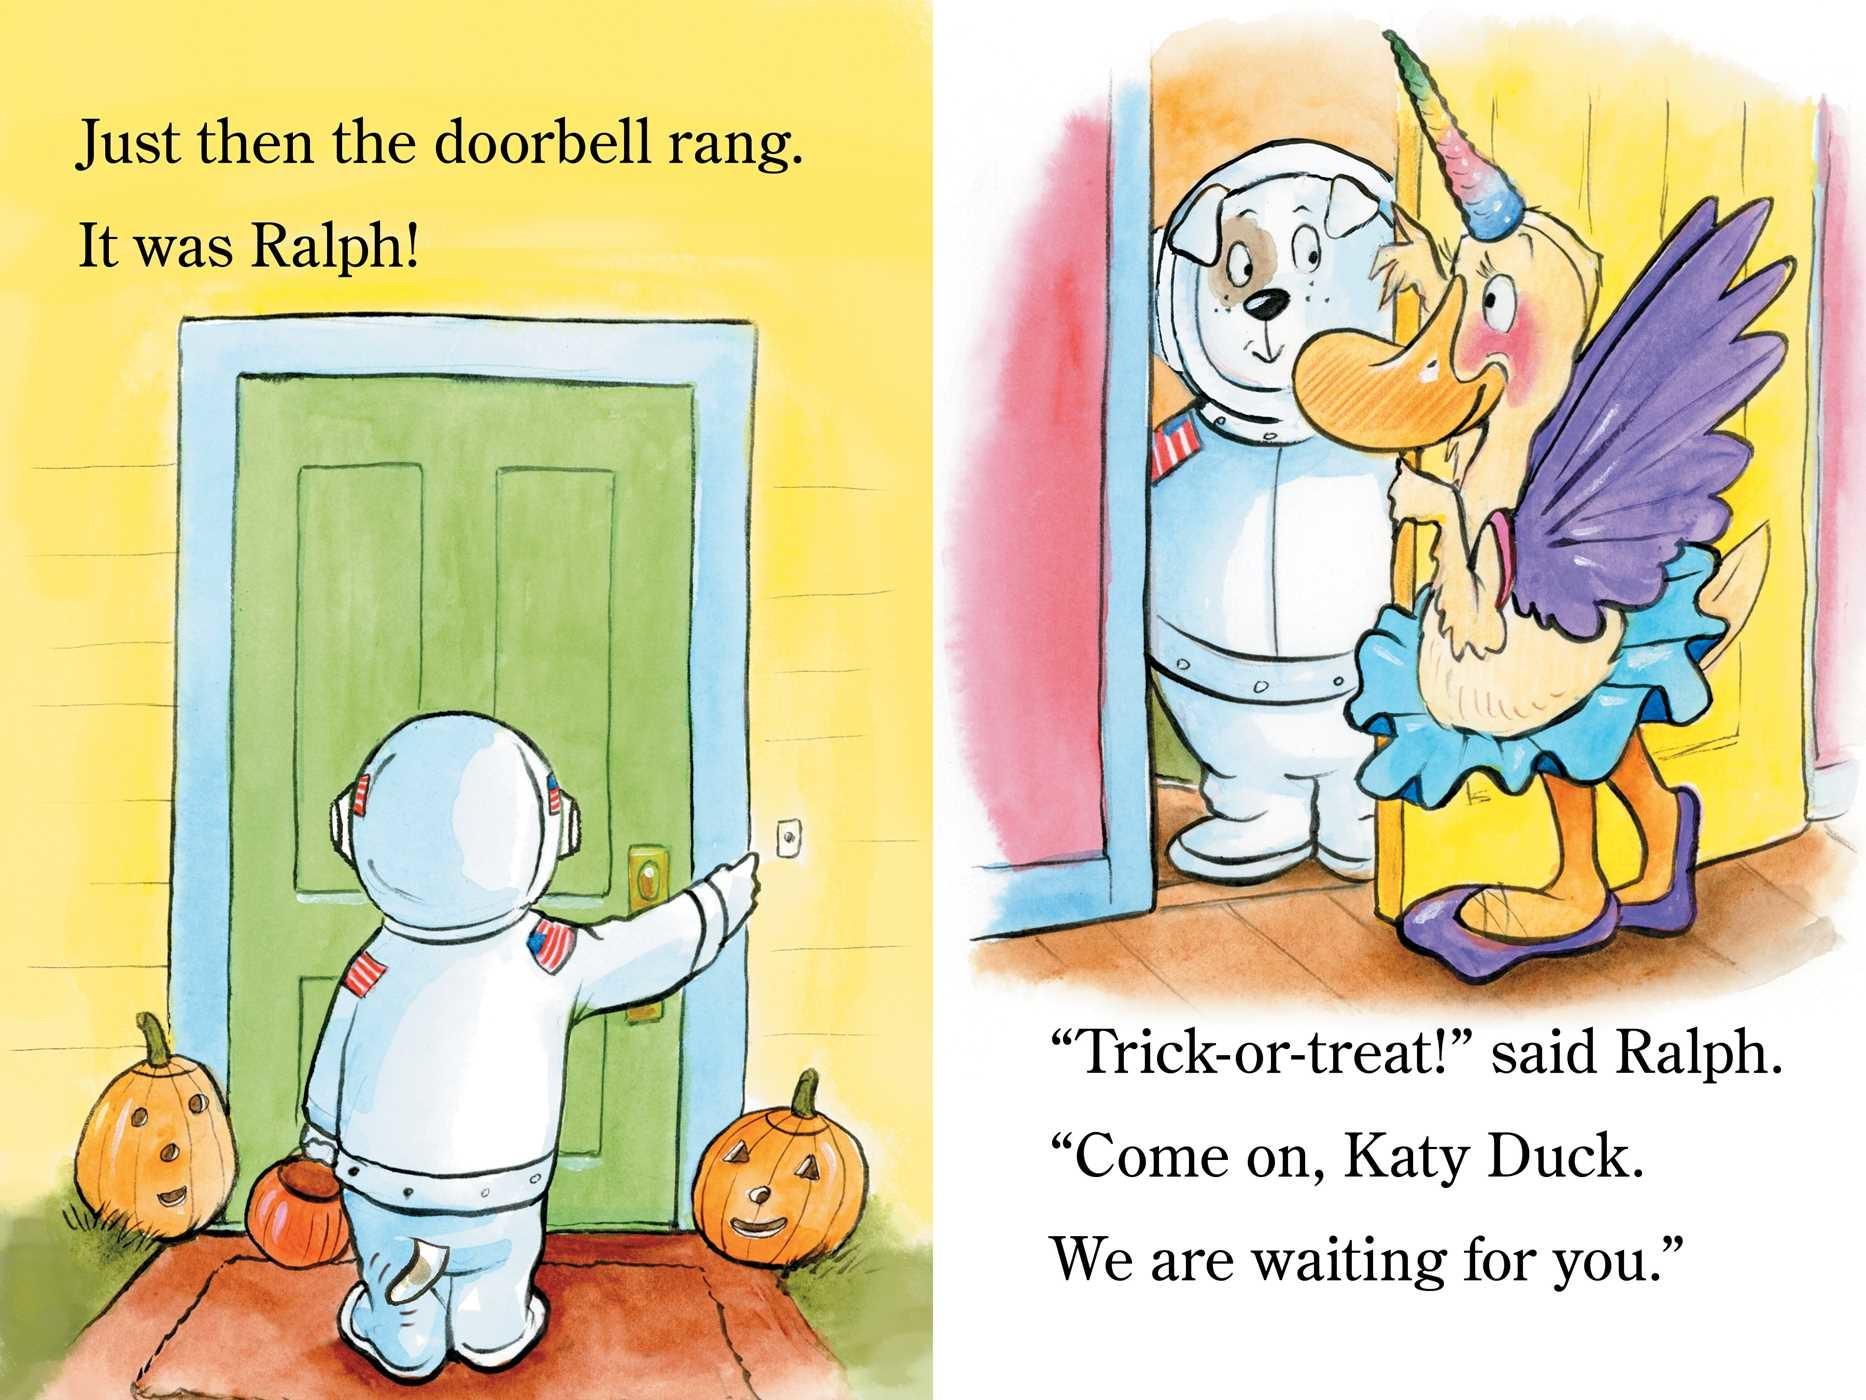 Katy ducks happy halloween 9781442498068.in01